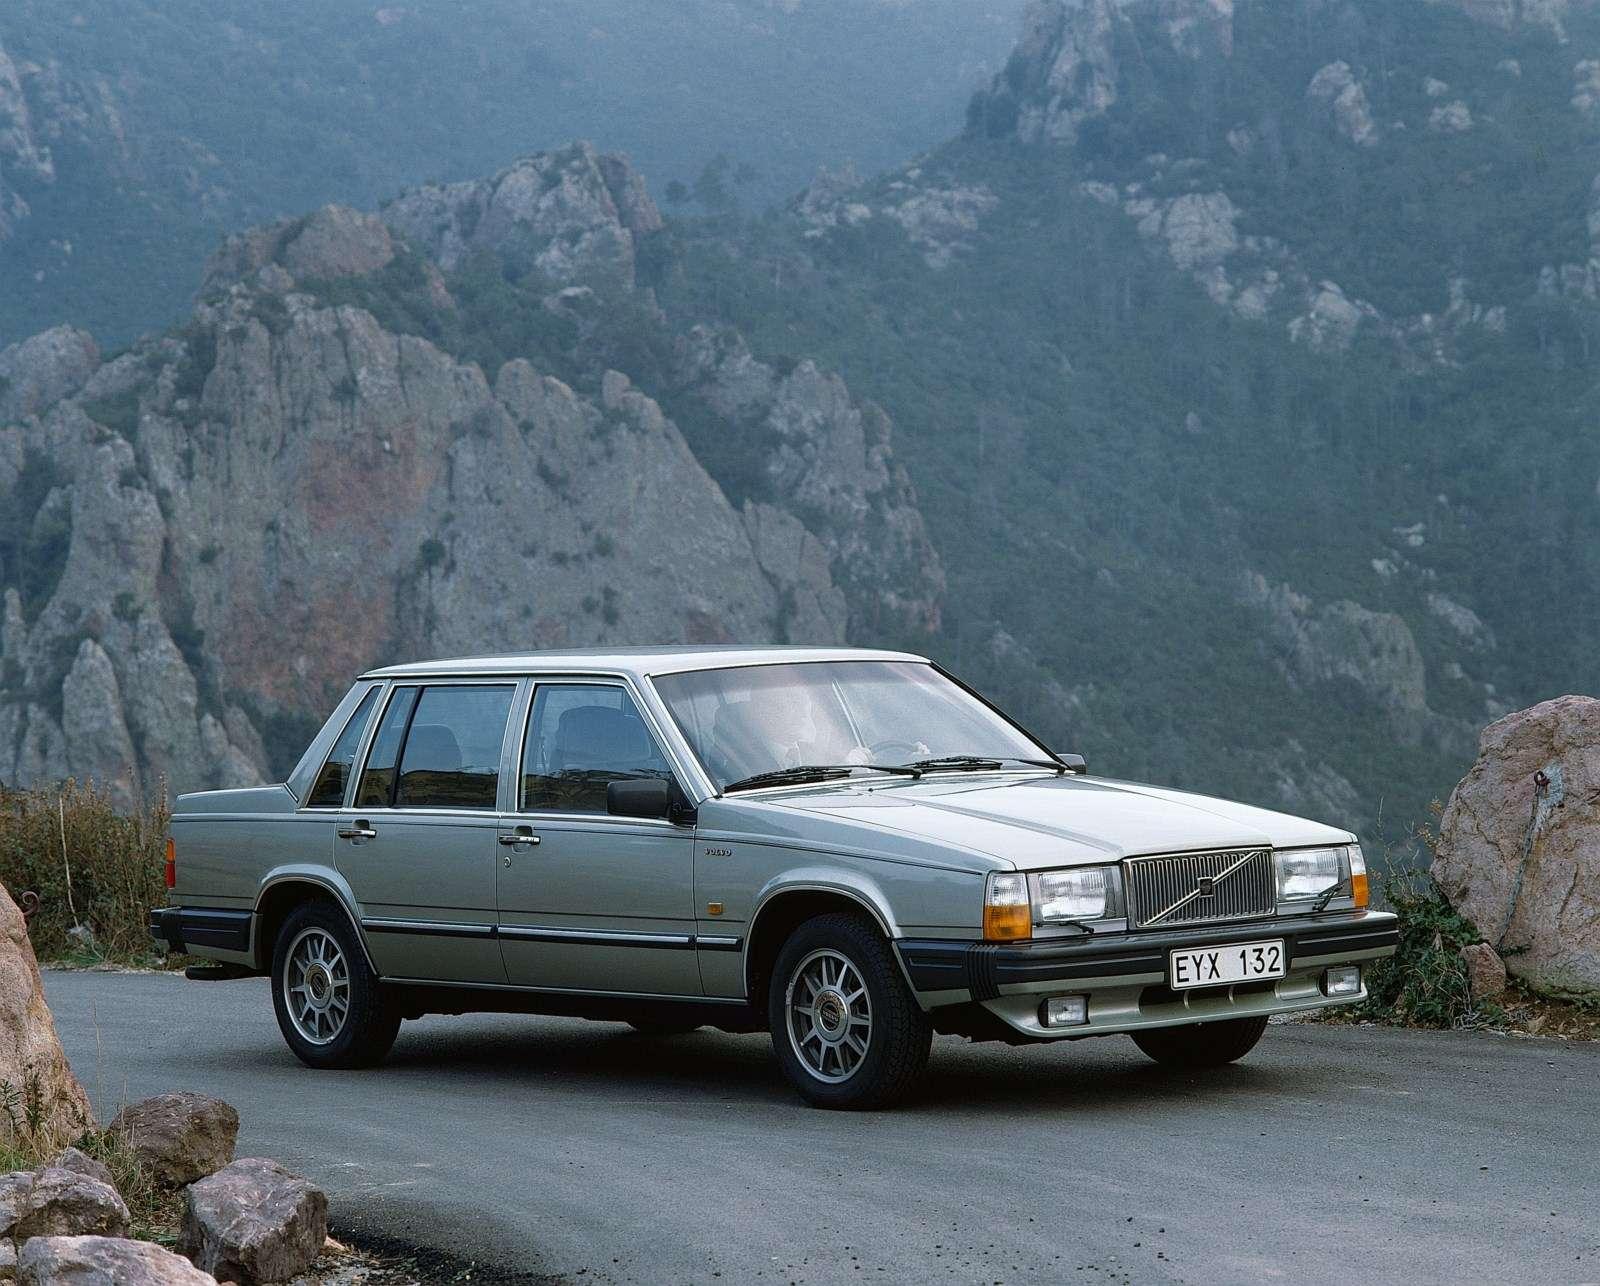 Volvo 760 Celebrates 30th Anniversary